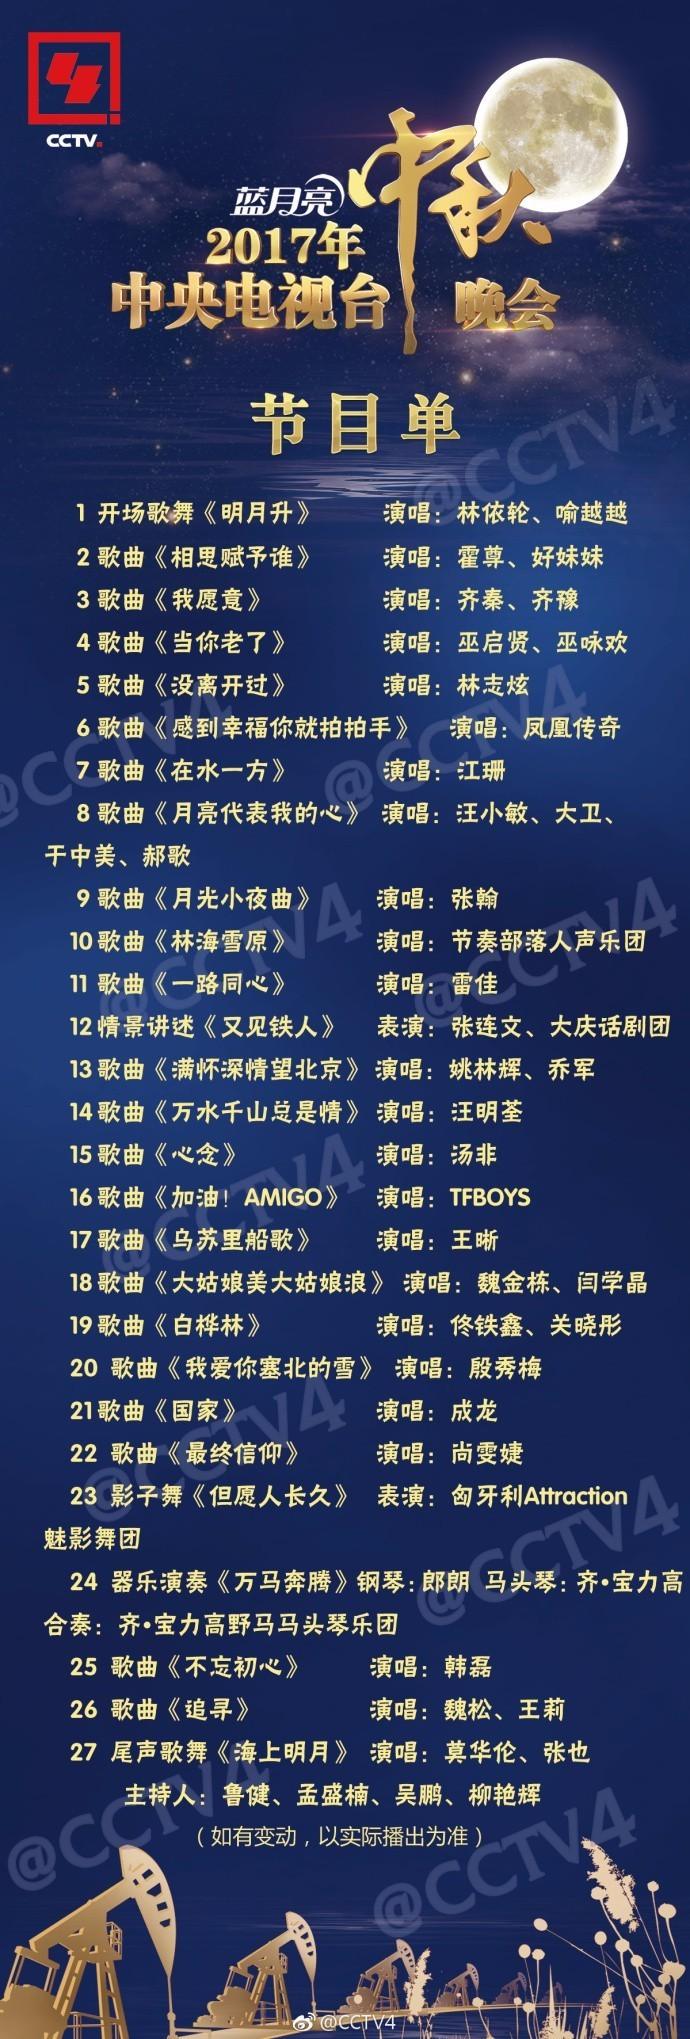 2017中秋晚会节目单新鲜出炉